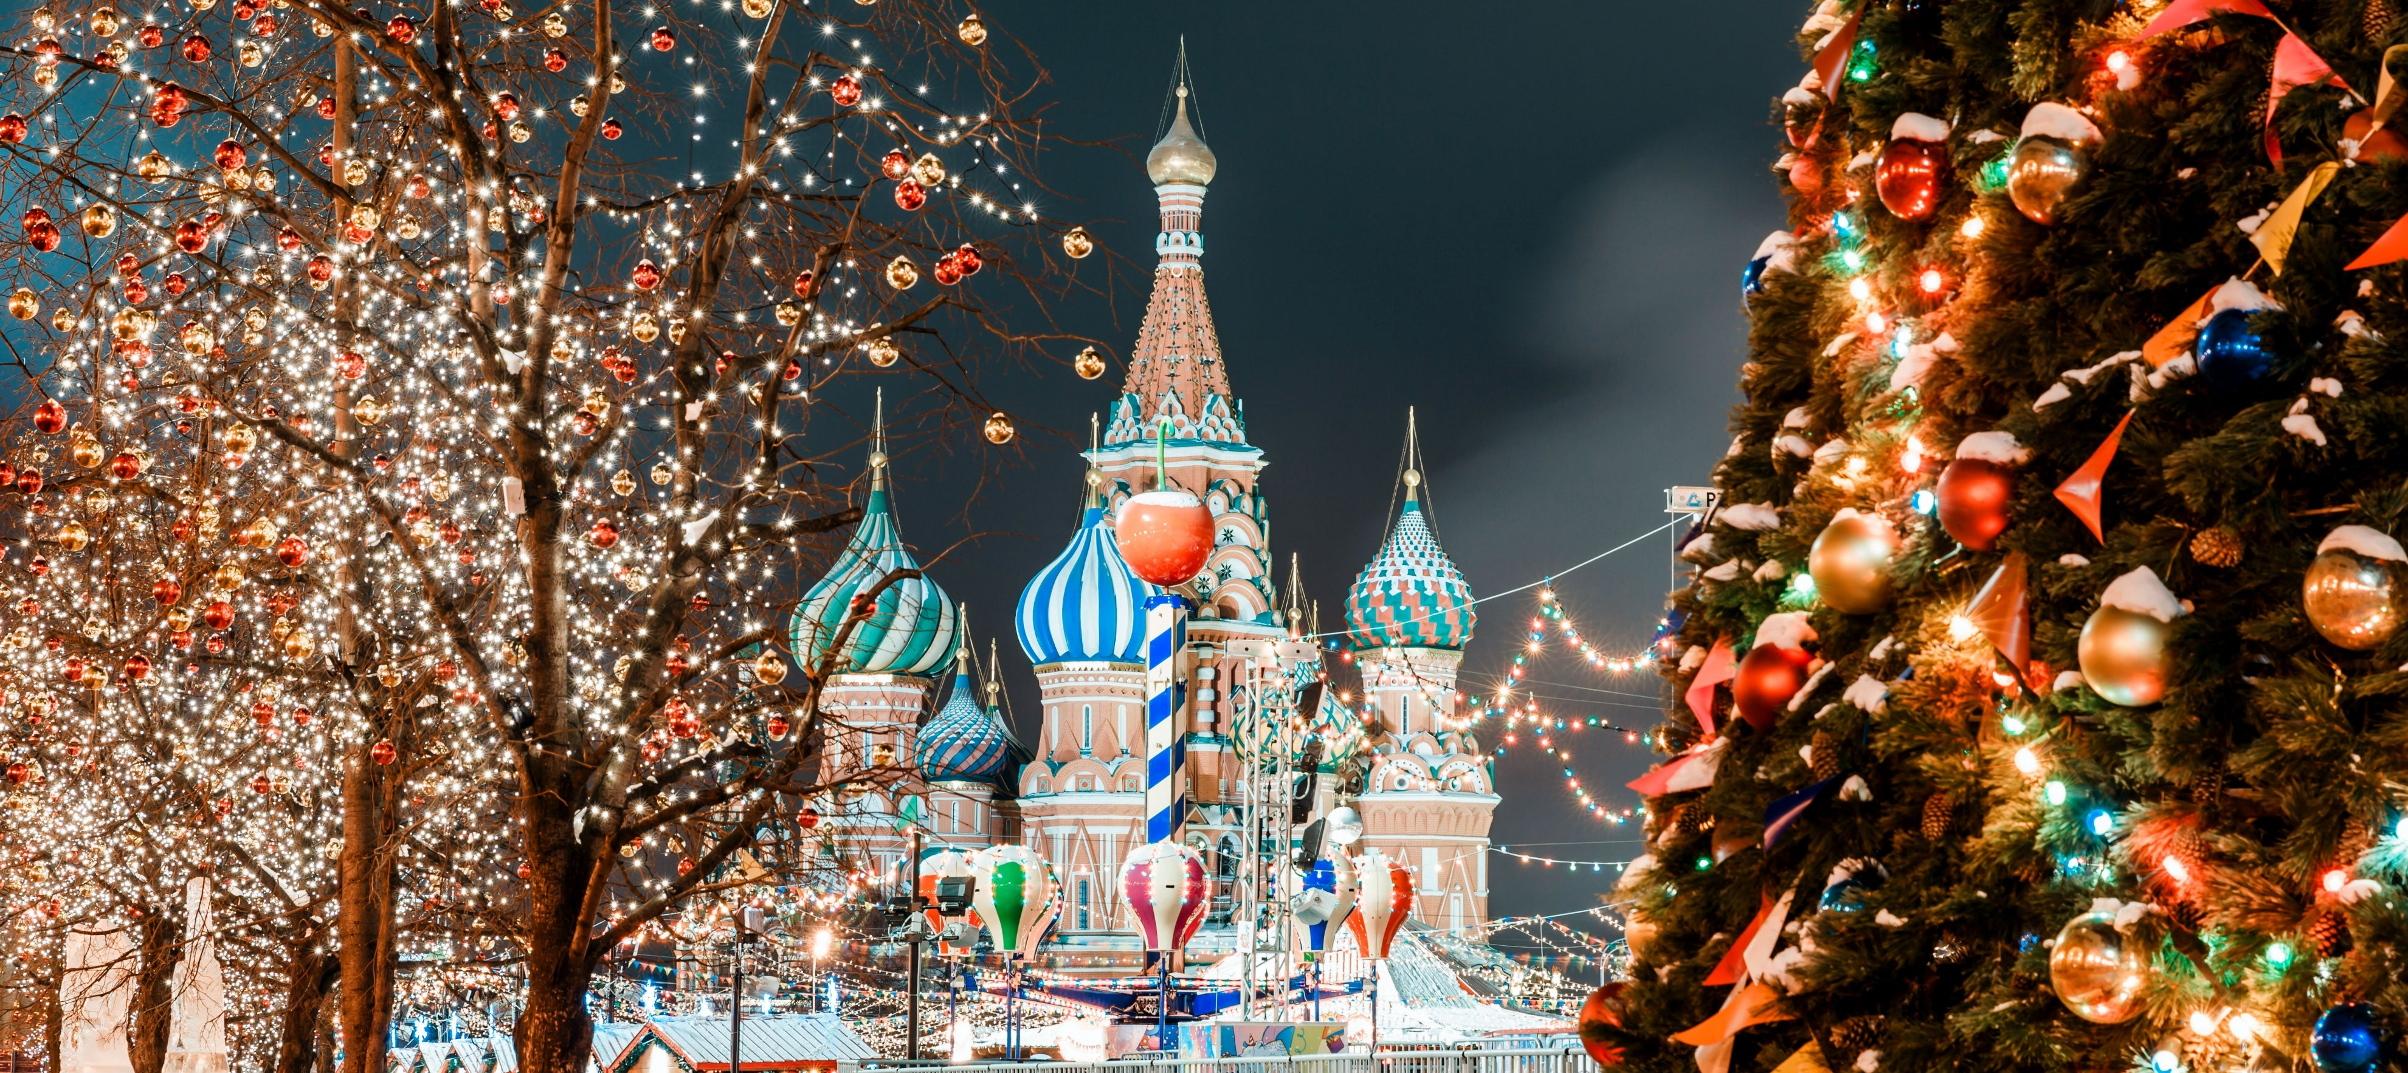 Погода на Новый год 2019 в Москве: прогноз изоражения